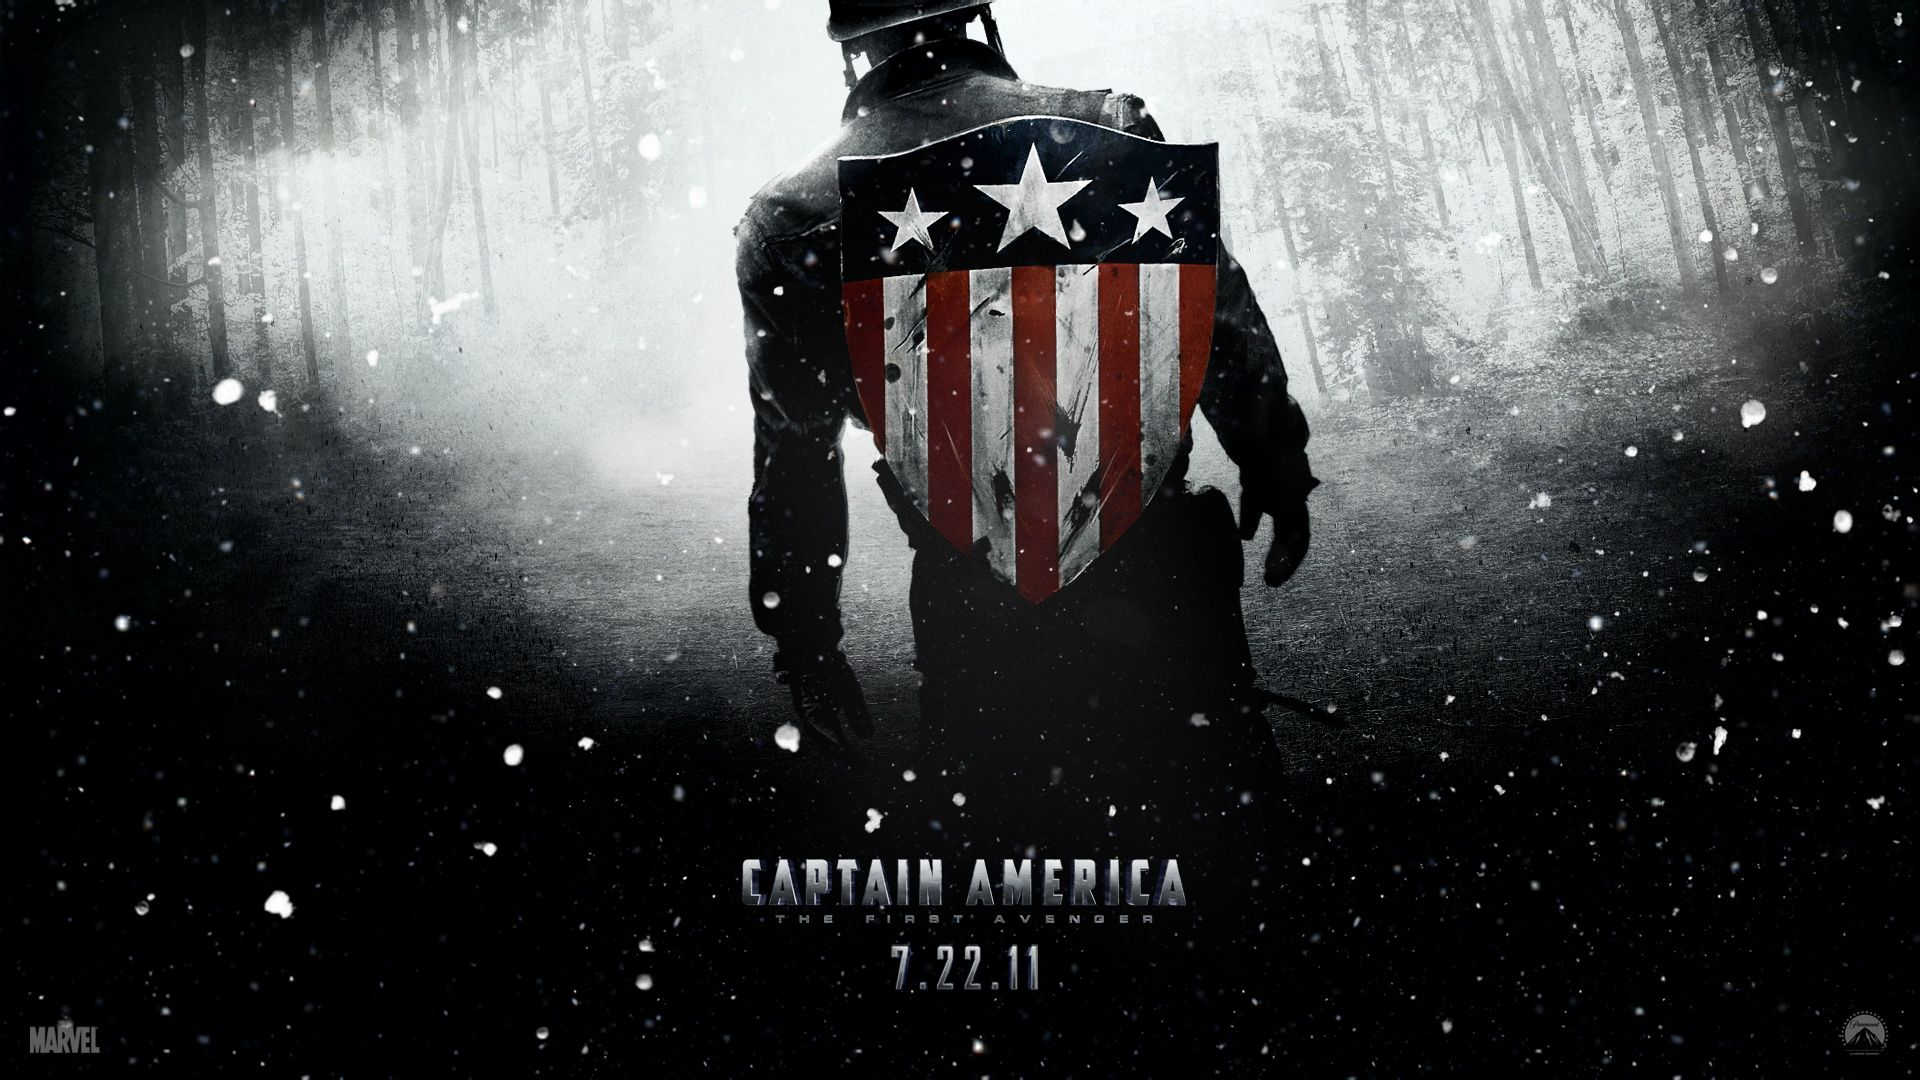 谁有美国队长1电影的全套高清壁纸